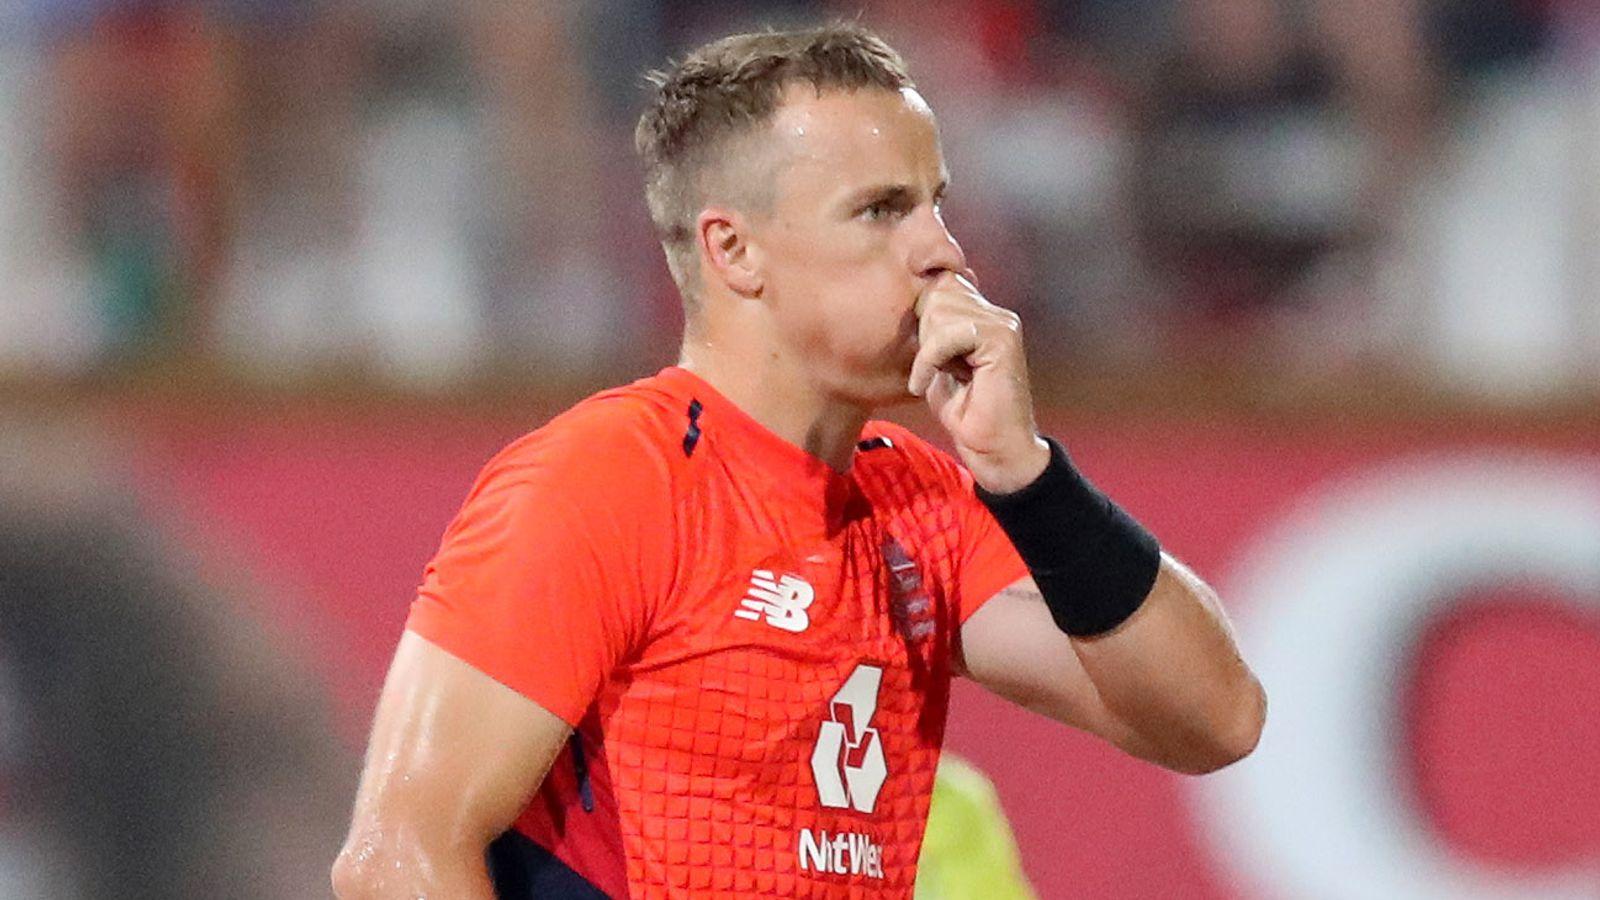 Tom Curran 'has a big heart', says England team-mate Chris Jordan